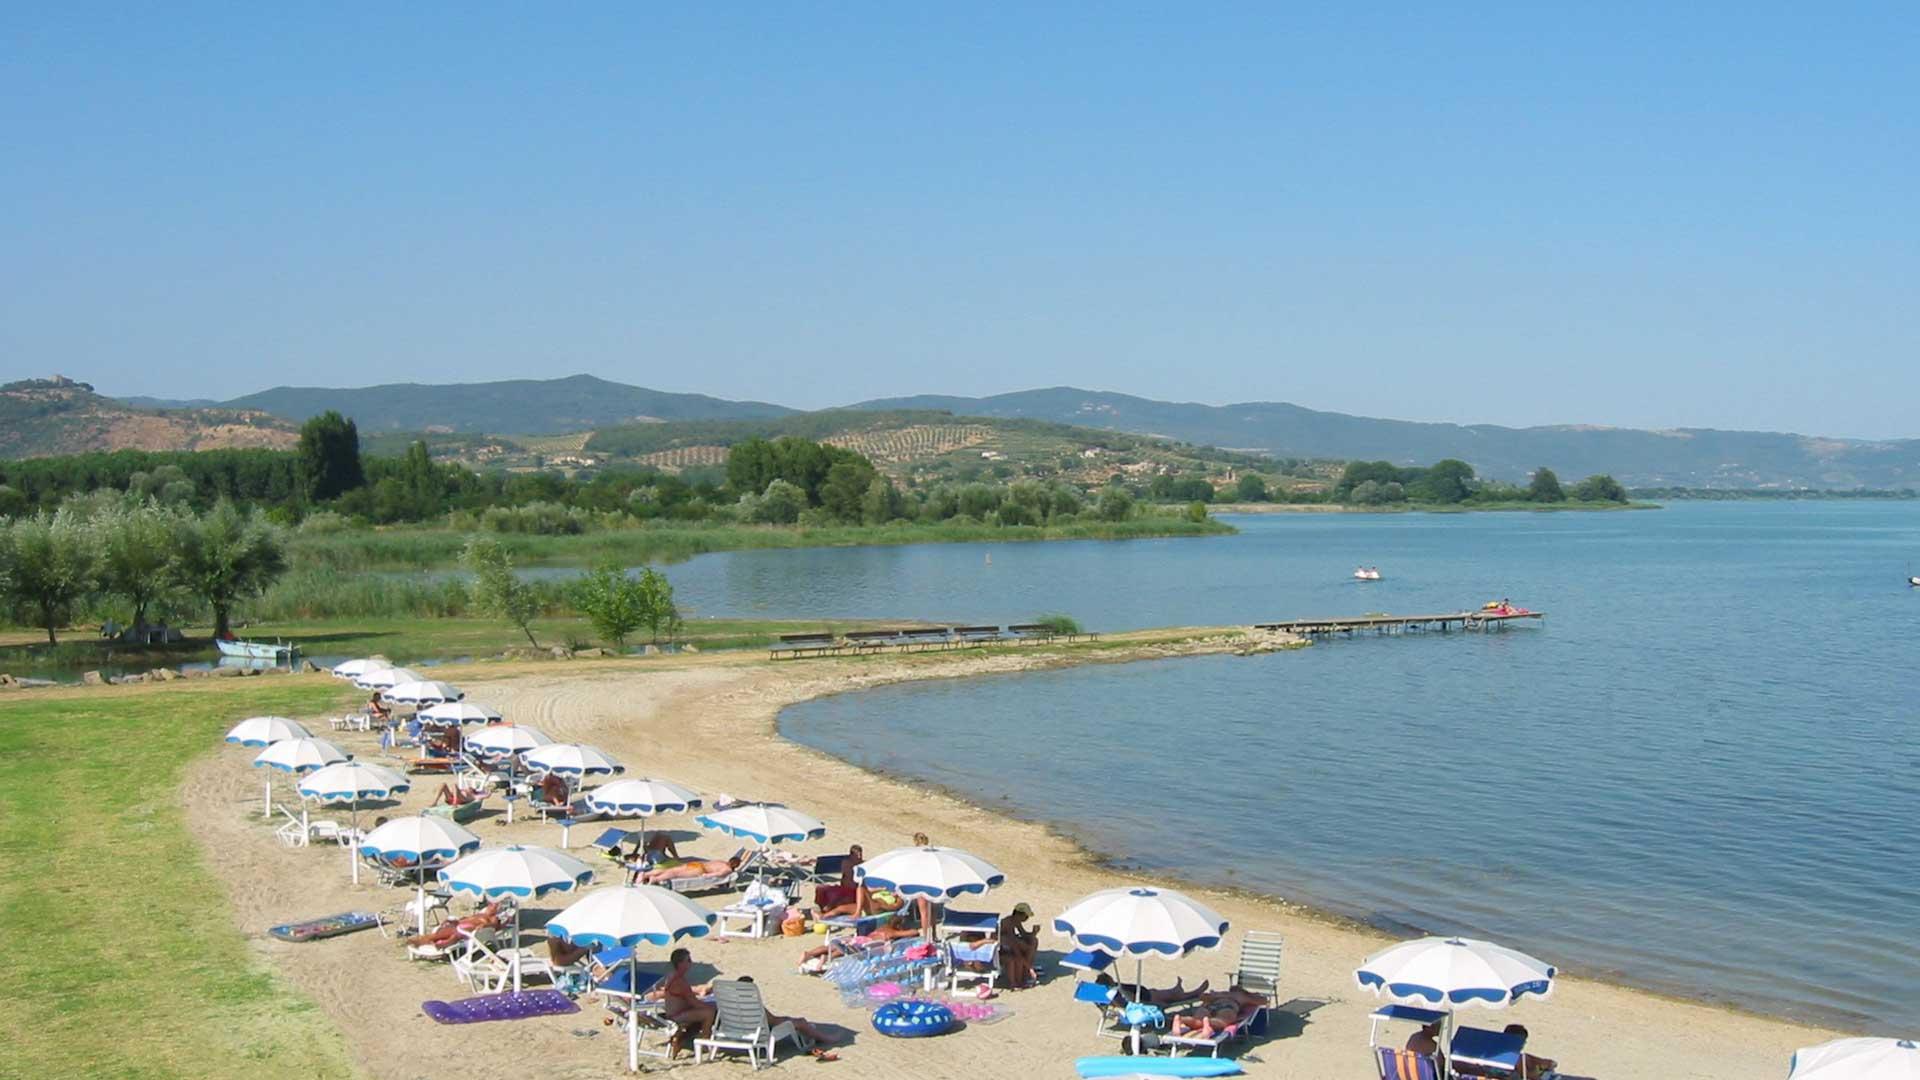 Campeggio sul lago trasimeno badiaccia camping village umbria - Lago di bolsena dove fare il bagno ...